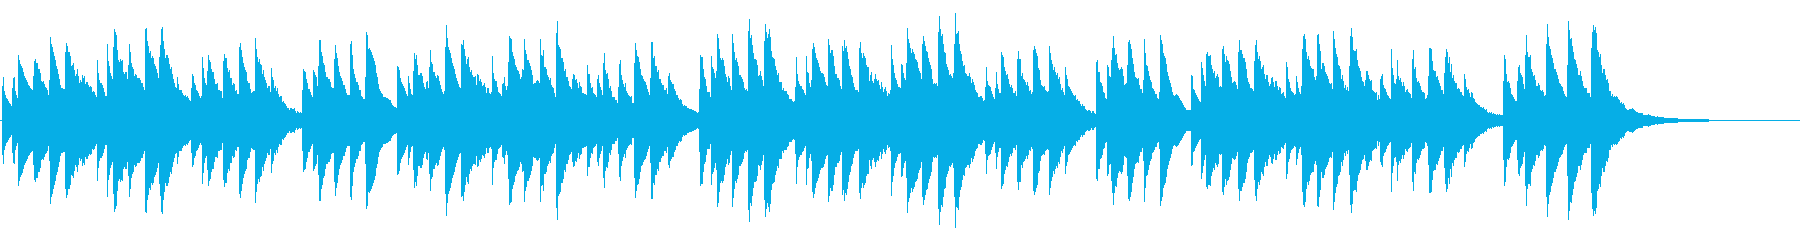 ハッピーバースデー 72弁オルゴールの再生済みの波形